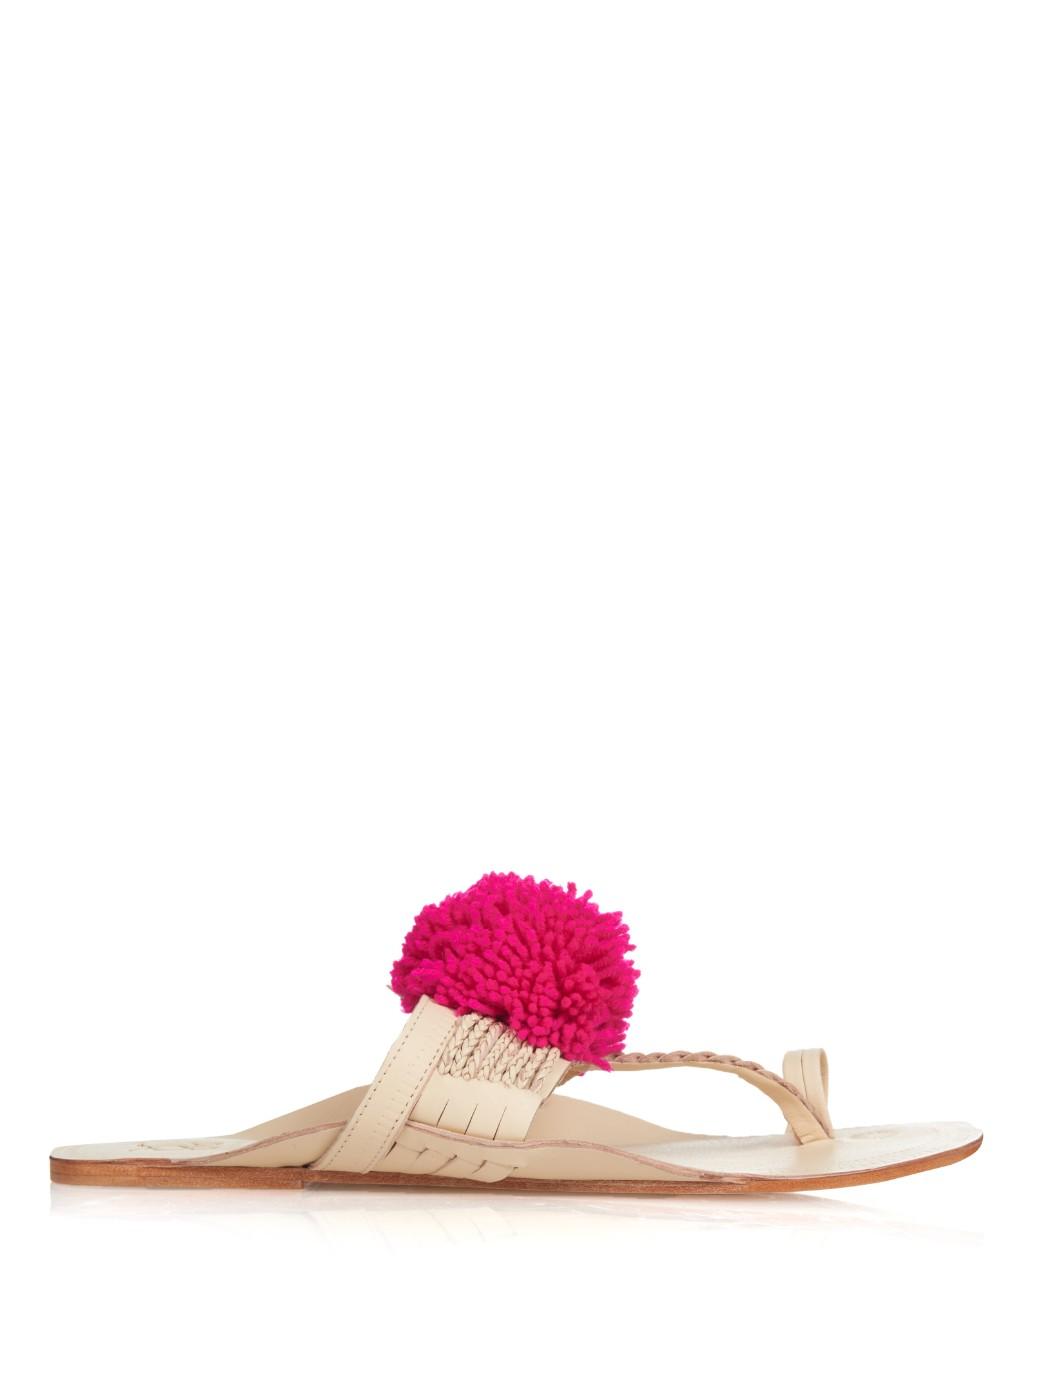 FIGUE Chappal Pom Pom Sandals